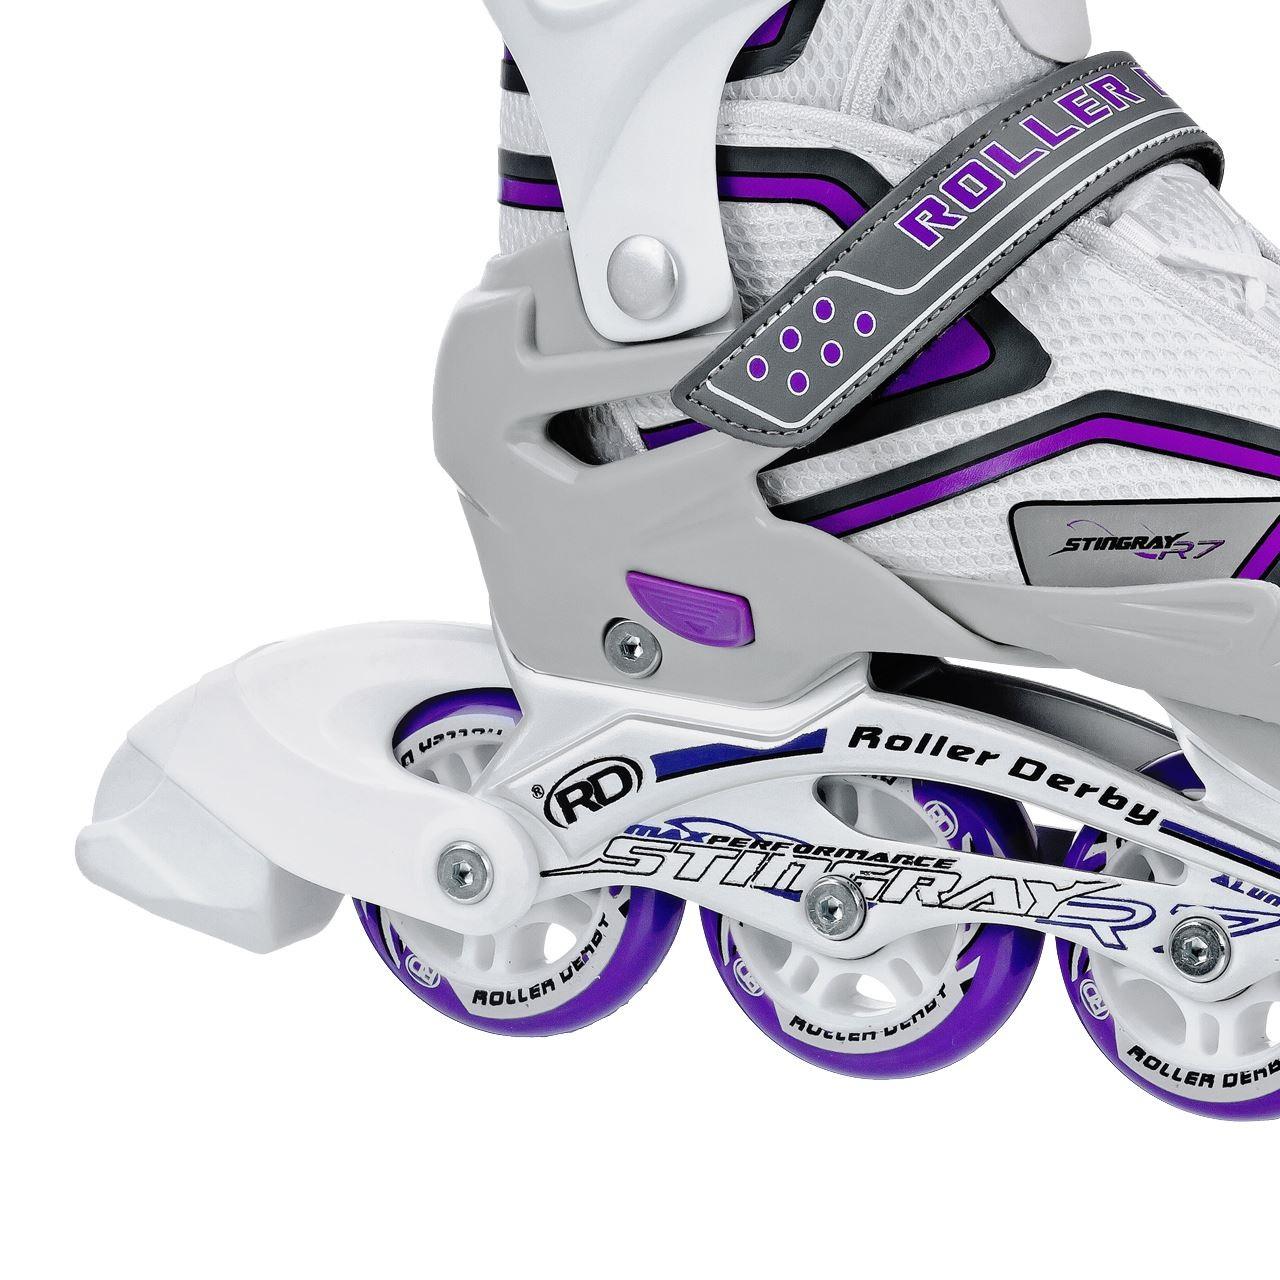 Ρυθμιζόμενα Roller Blades Stingray R7 της Roller Derby – Λευκό/Lilac - Φρένο